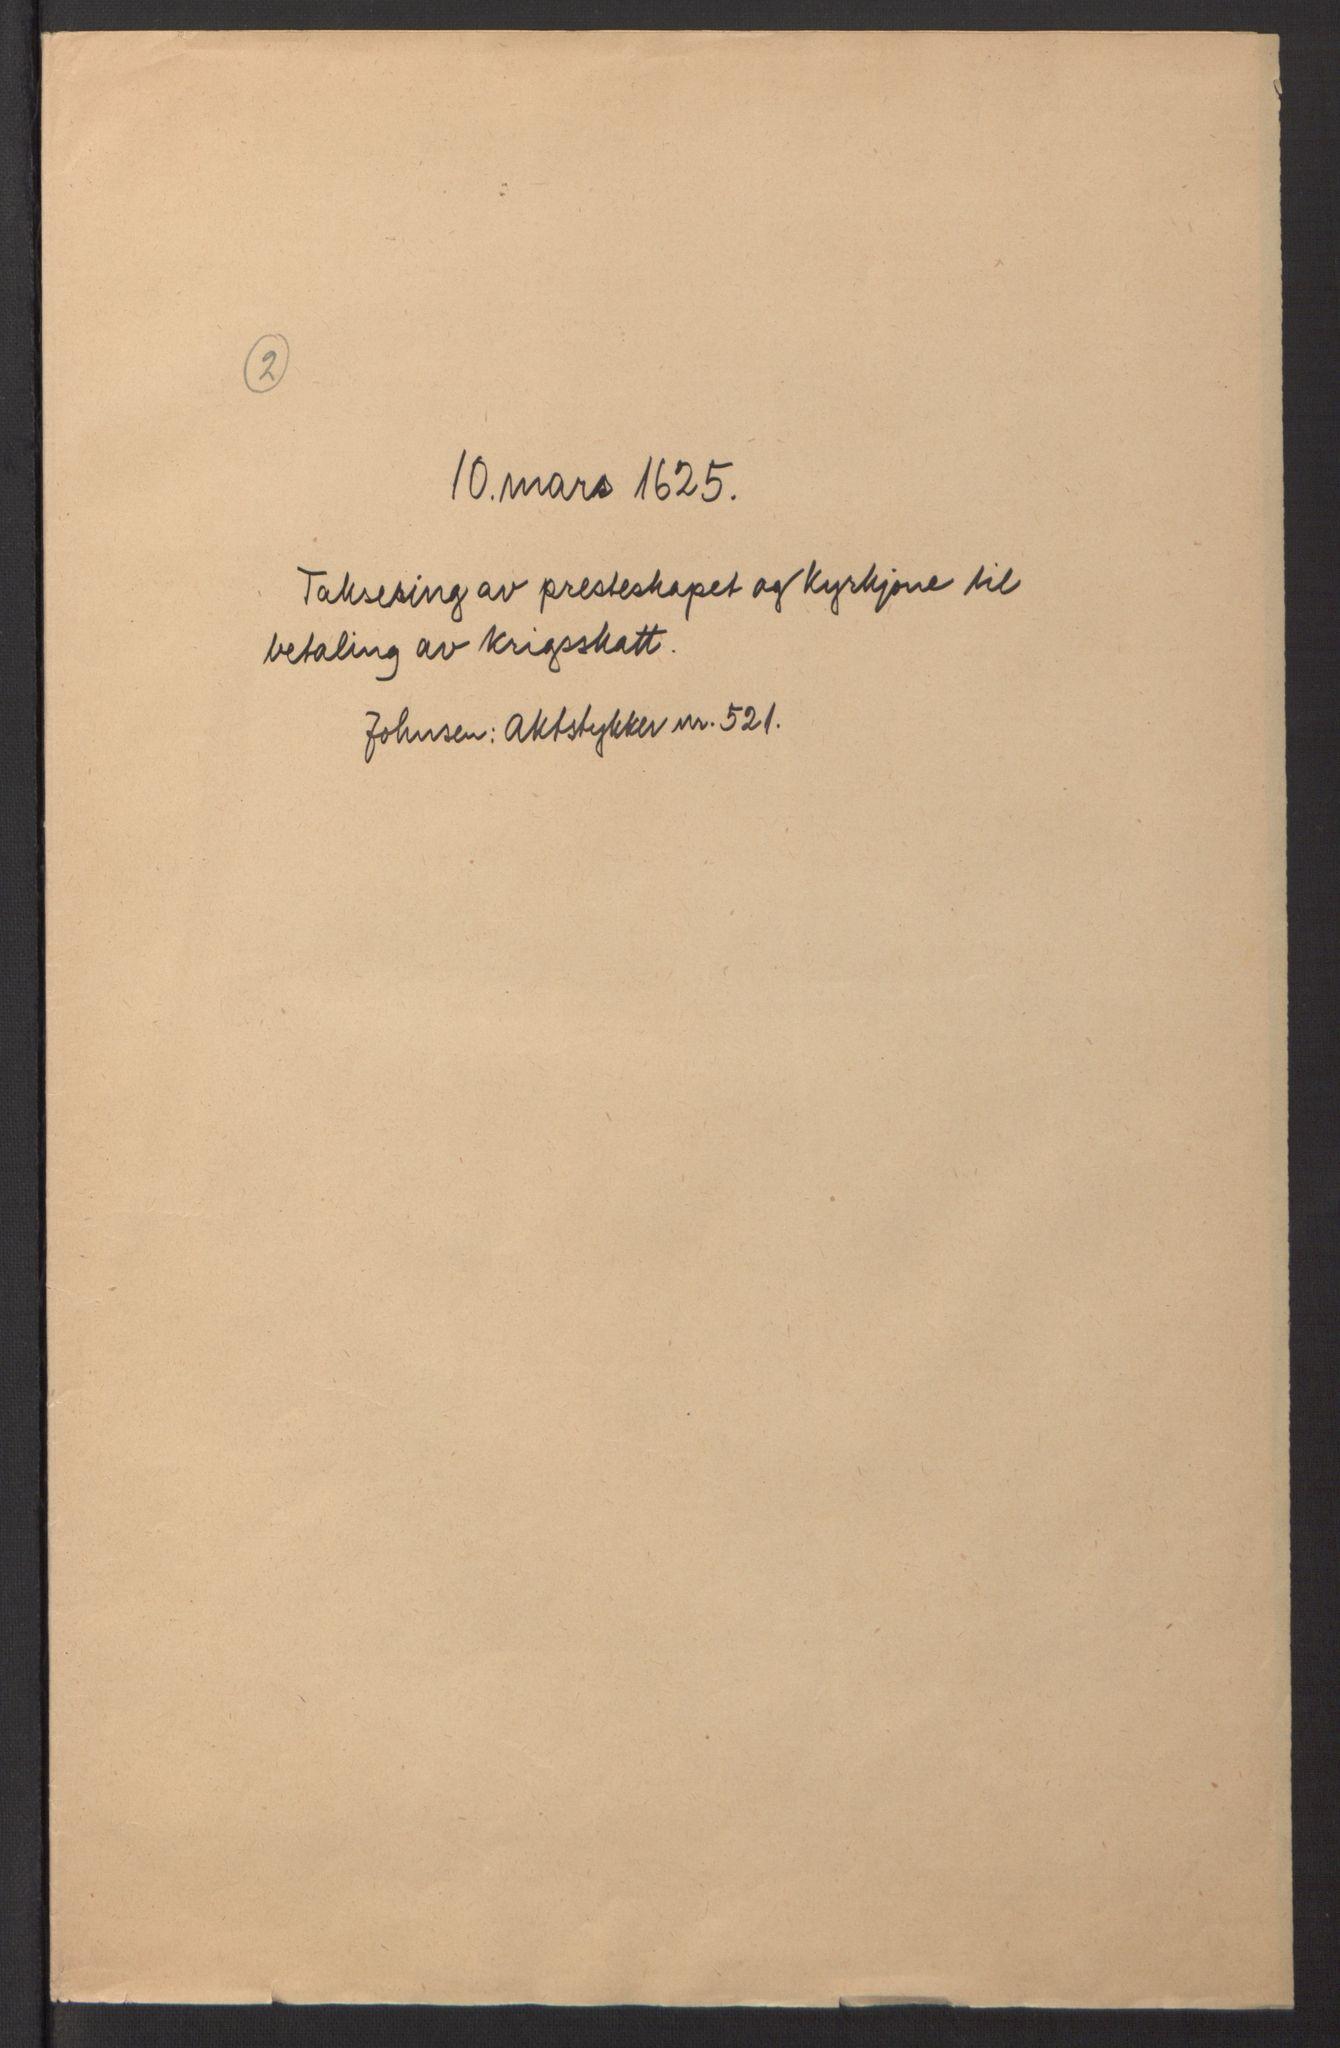 RA, Stattholderembetet 1572-1771, Ek/L0016: Jordebøker til utlikning av rosstjeneste 1624-1626:, 1625, s. 6